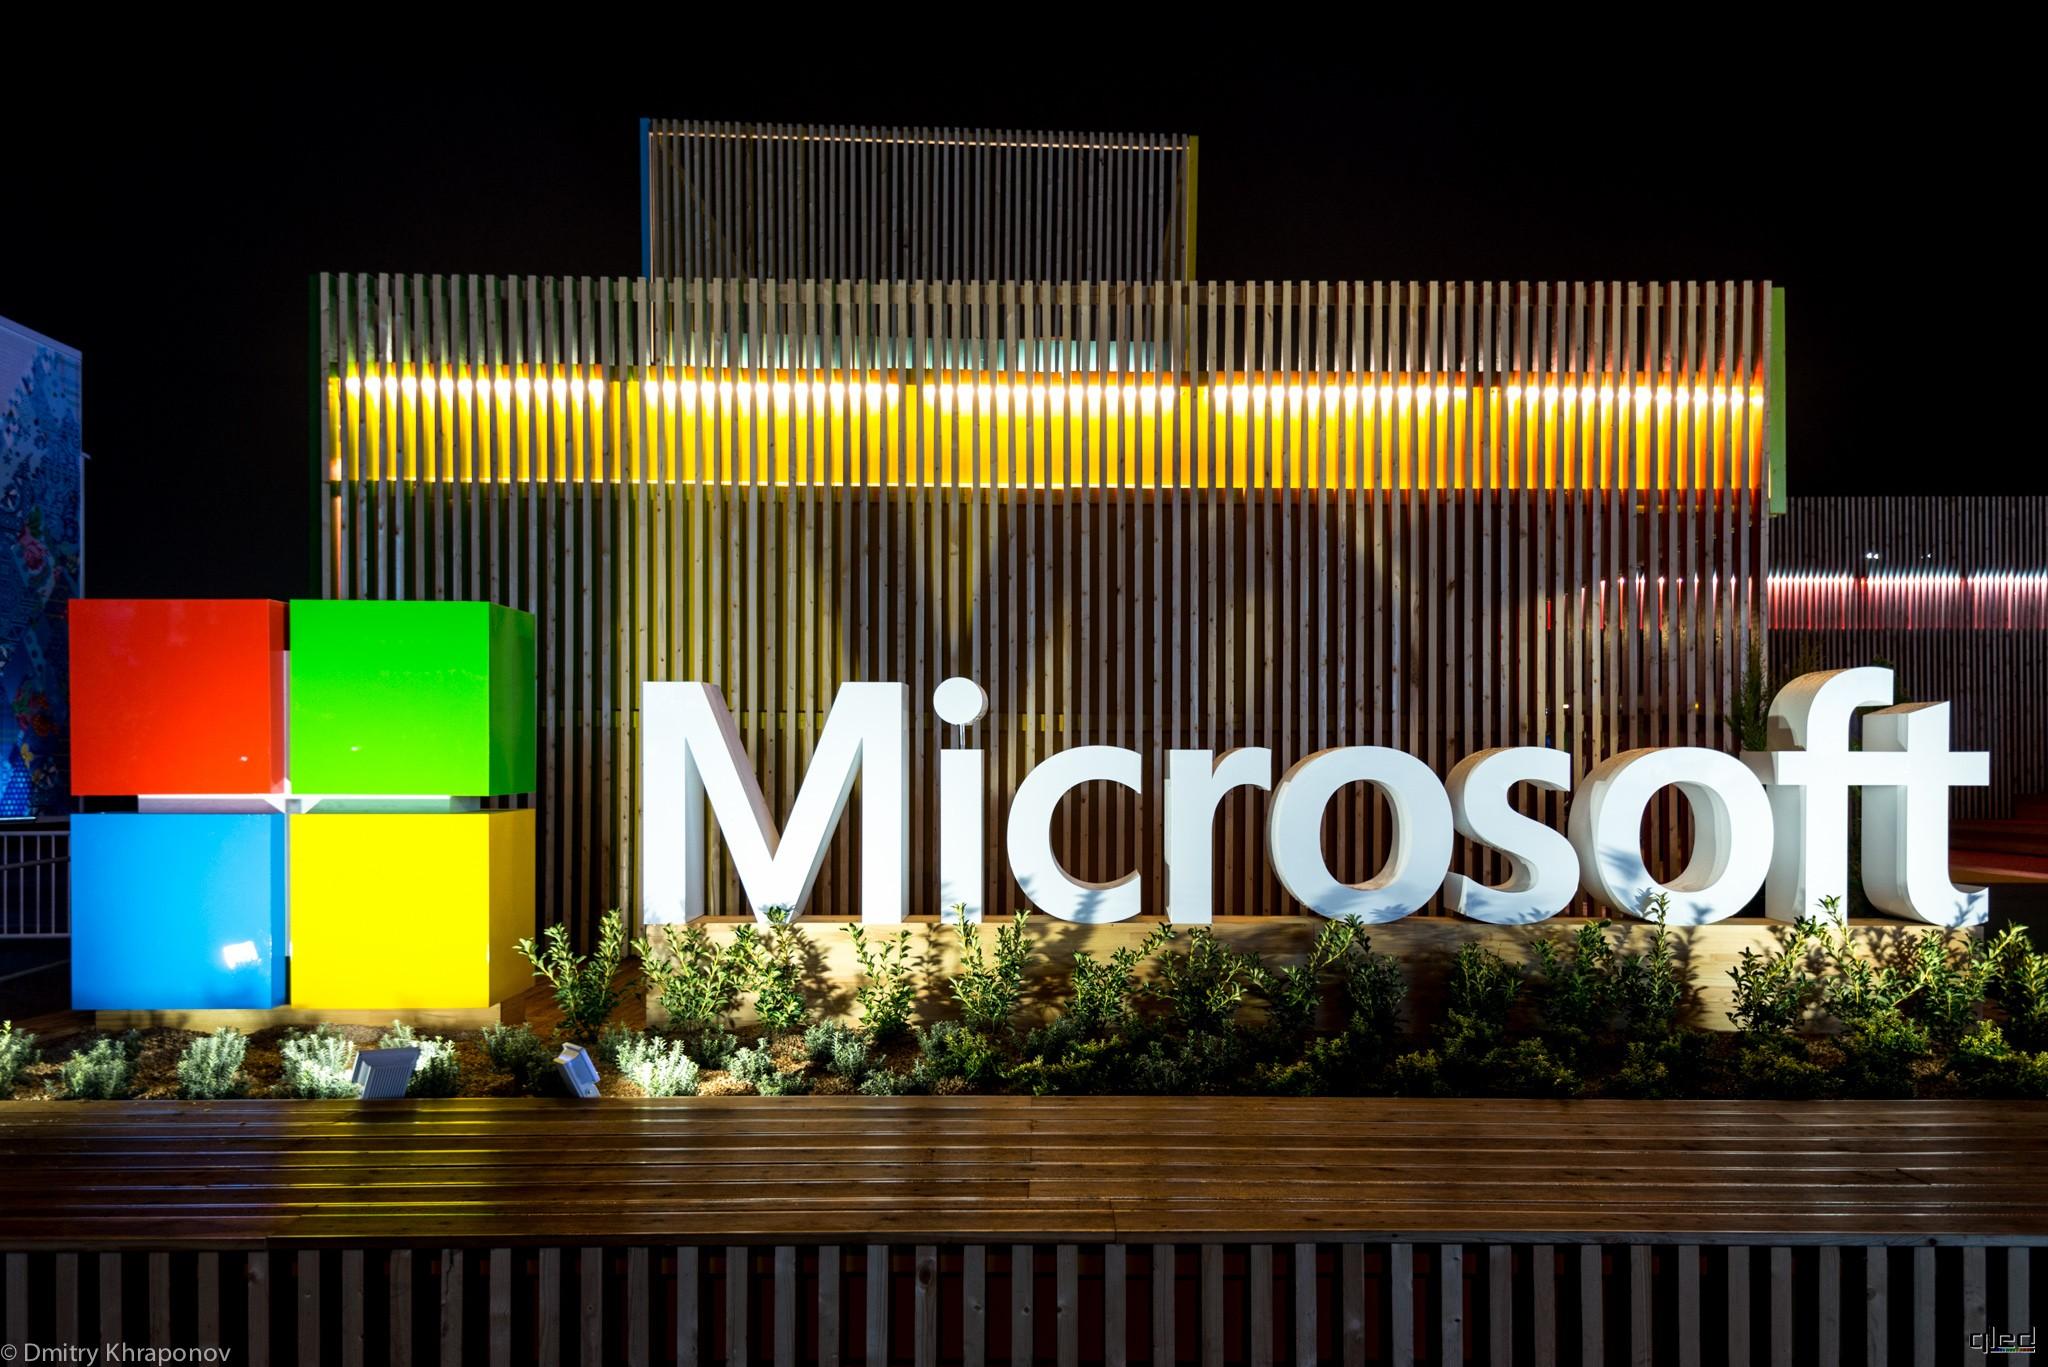 """Кто создатель """"майкрософта"""" (microsoft corporation)? билл гейтс и пол аллен - создатели компании """"майкрософт"""". история и логотип microsoft"""